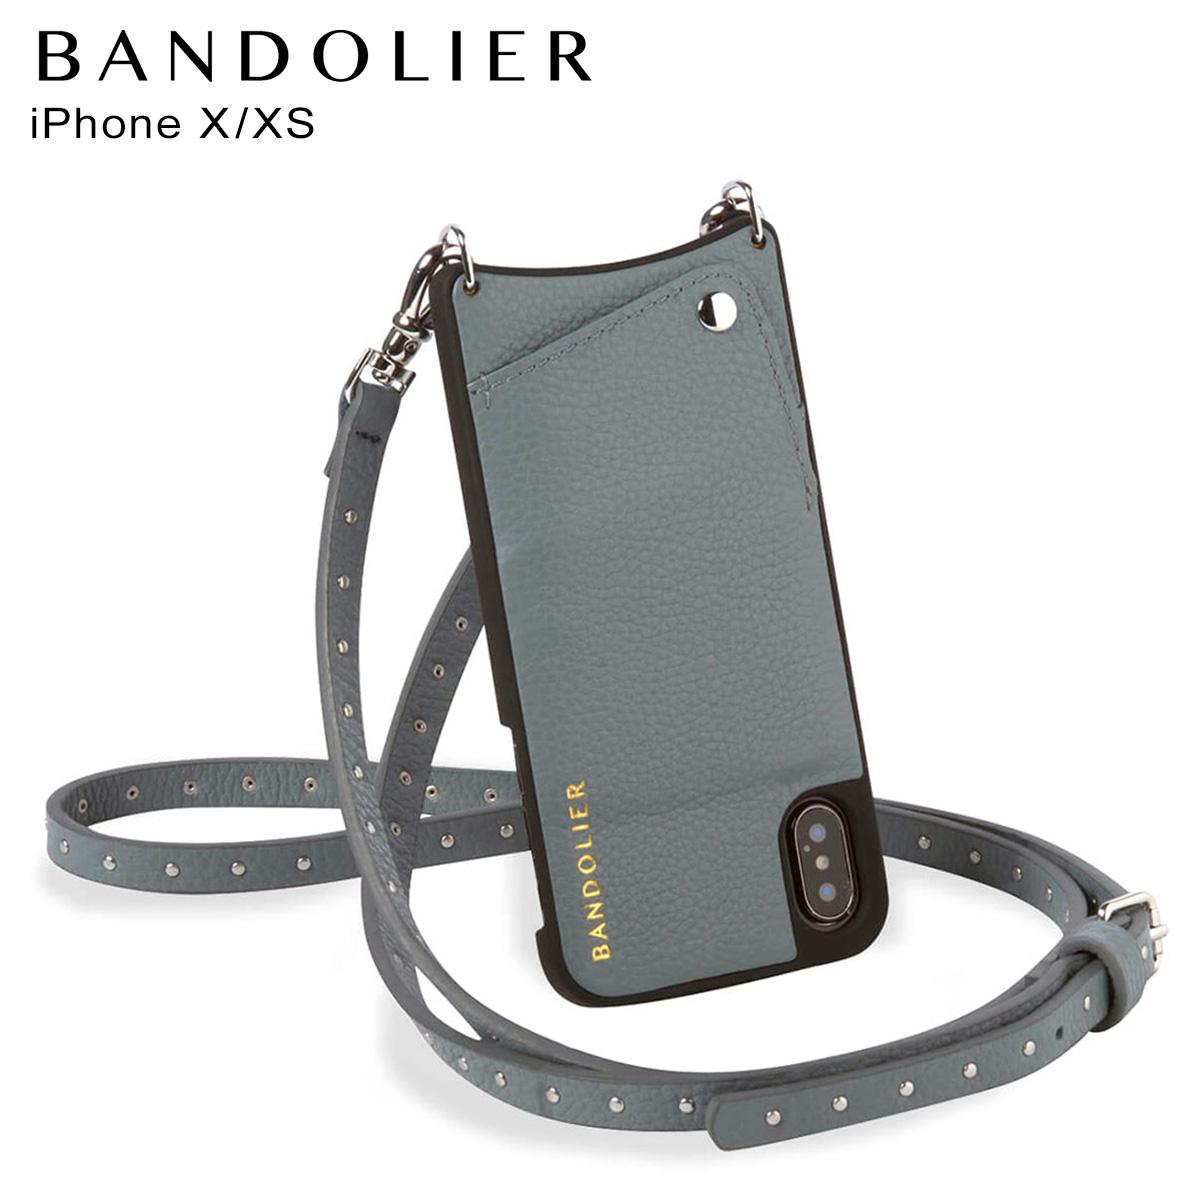 バンドリヤー BANDOLIER iPhone XS X ケース スマホ アイフォン レザー NICOLE STORM メンズ レディース ブルーグレー 10NIC